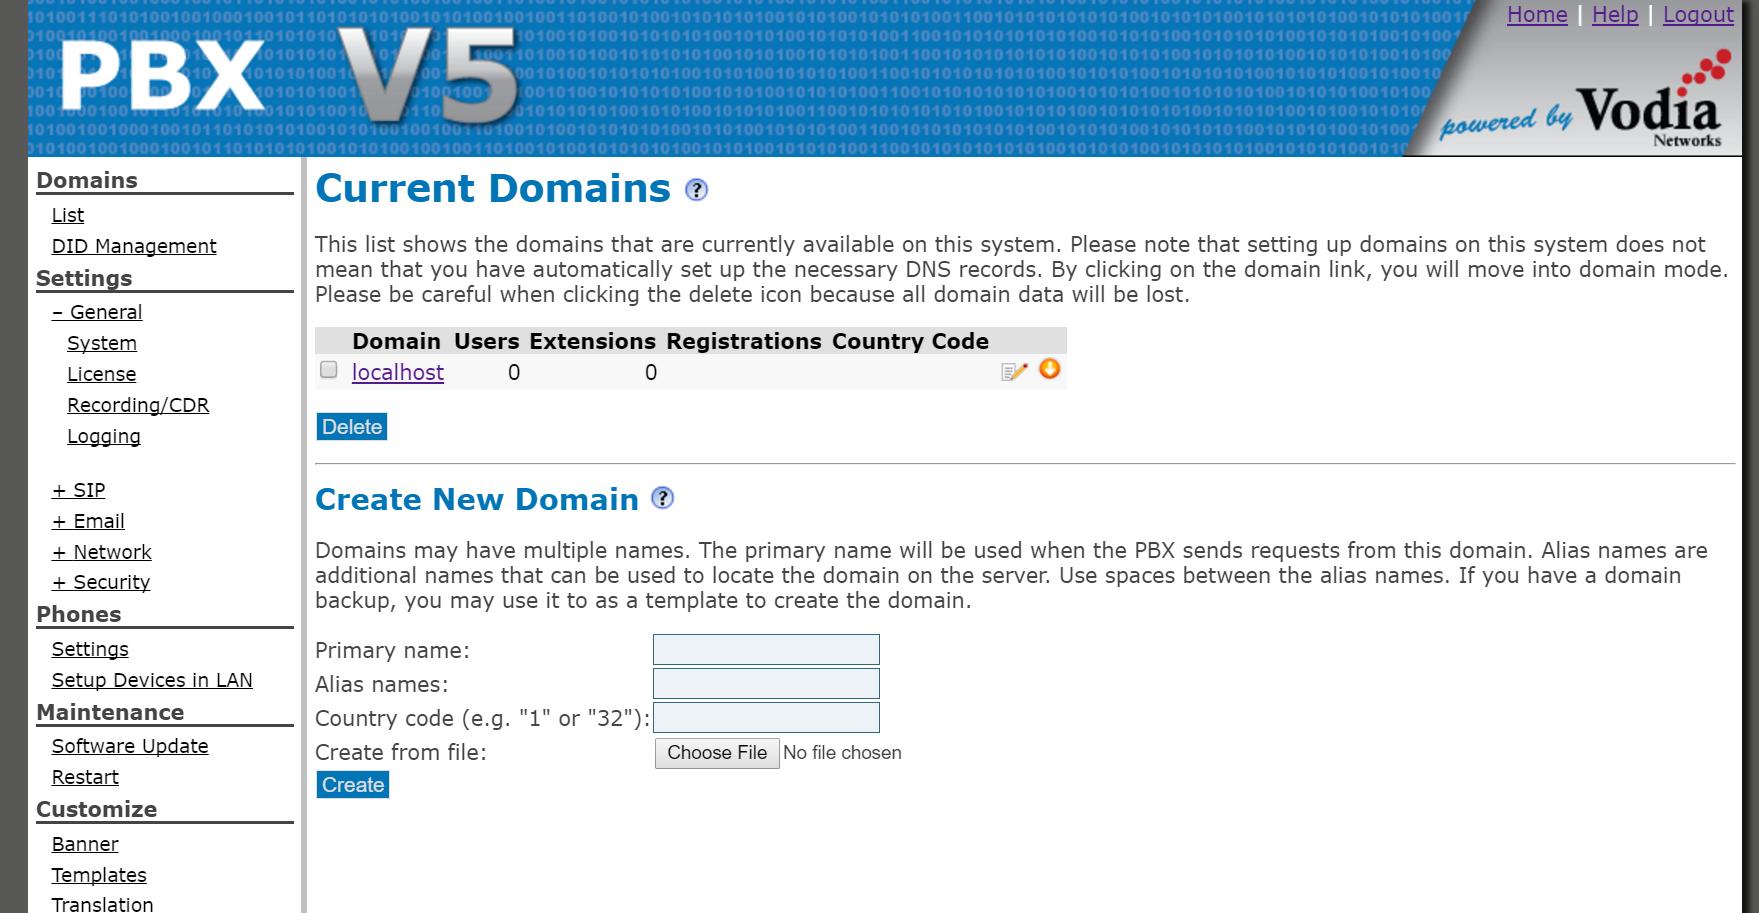 Vodia PBX Software - Current domains